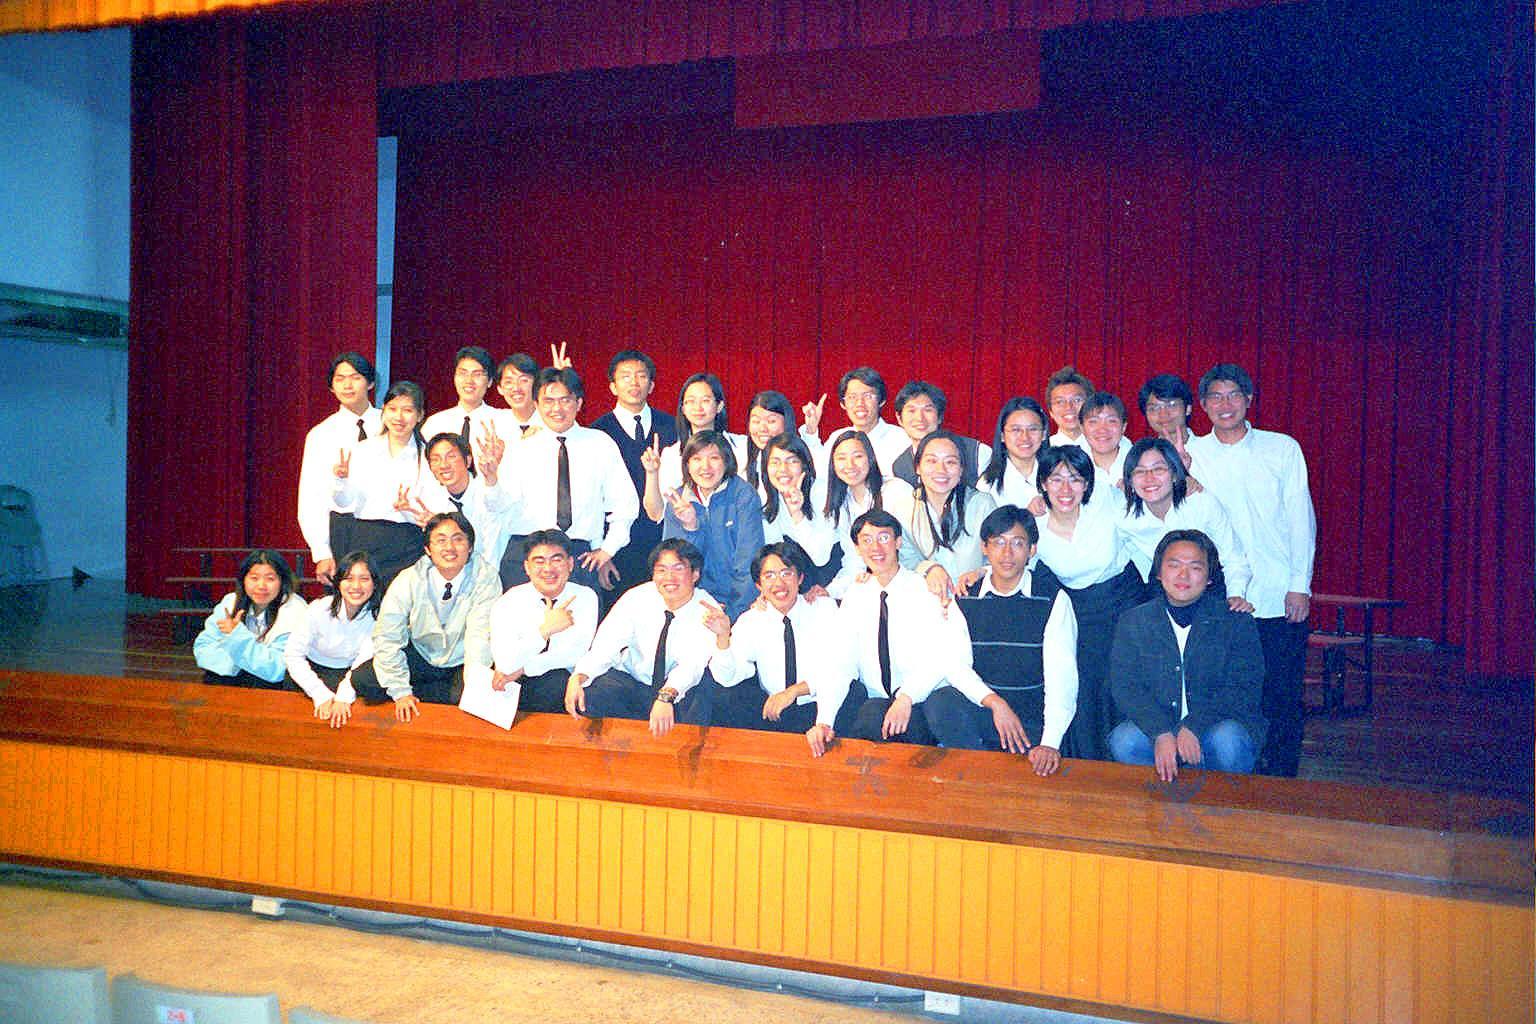 全國學生音樂比賽 - 合唱團、管弦樂社獲得優等獎